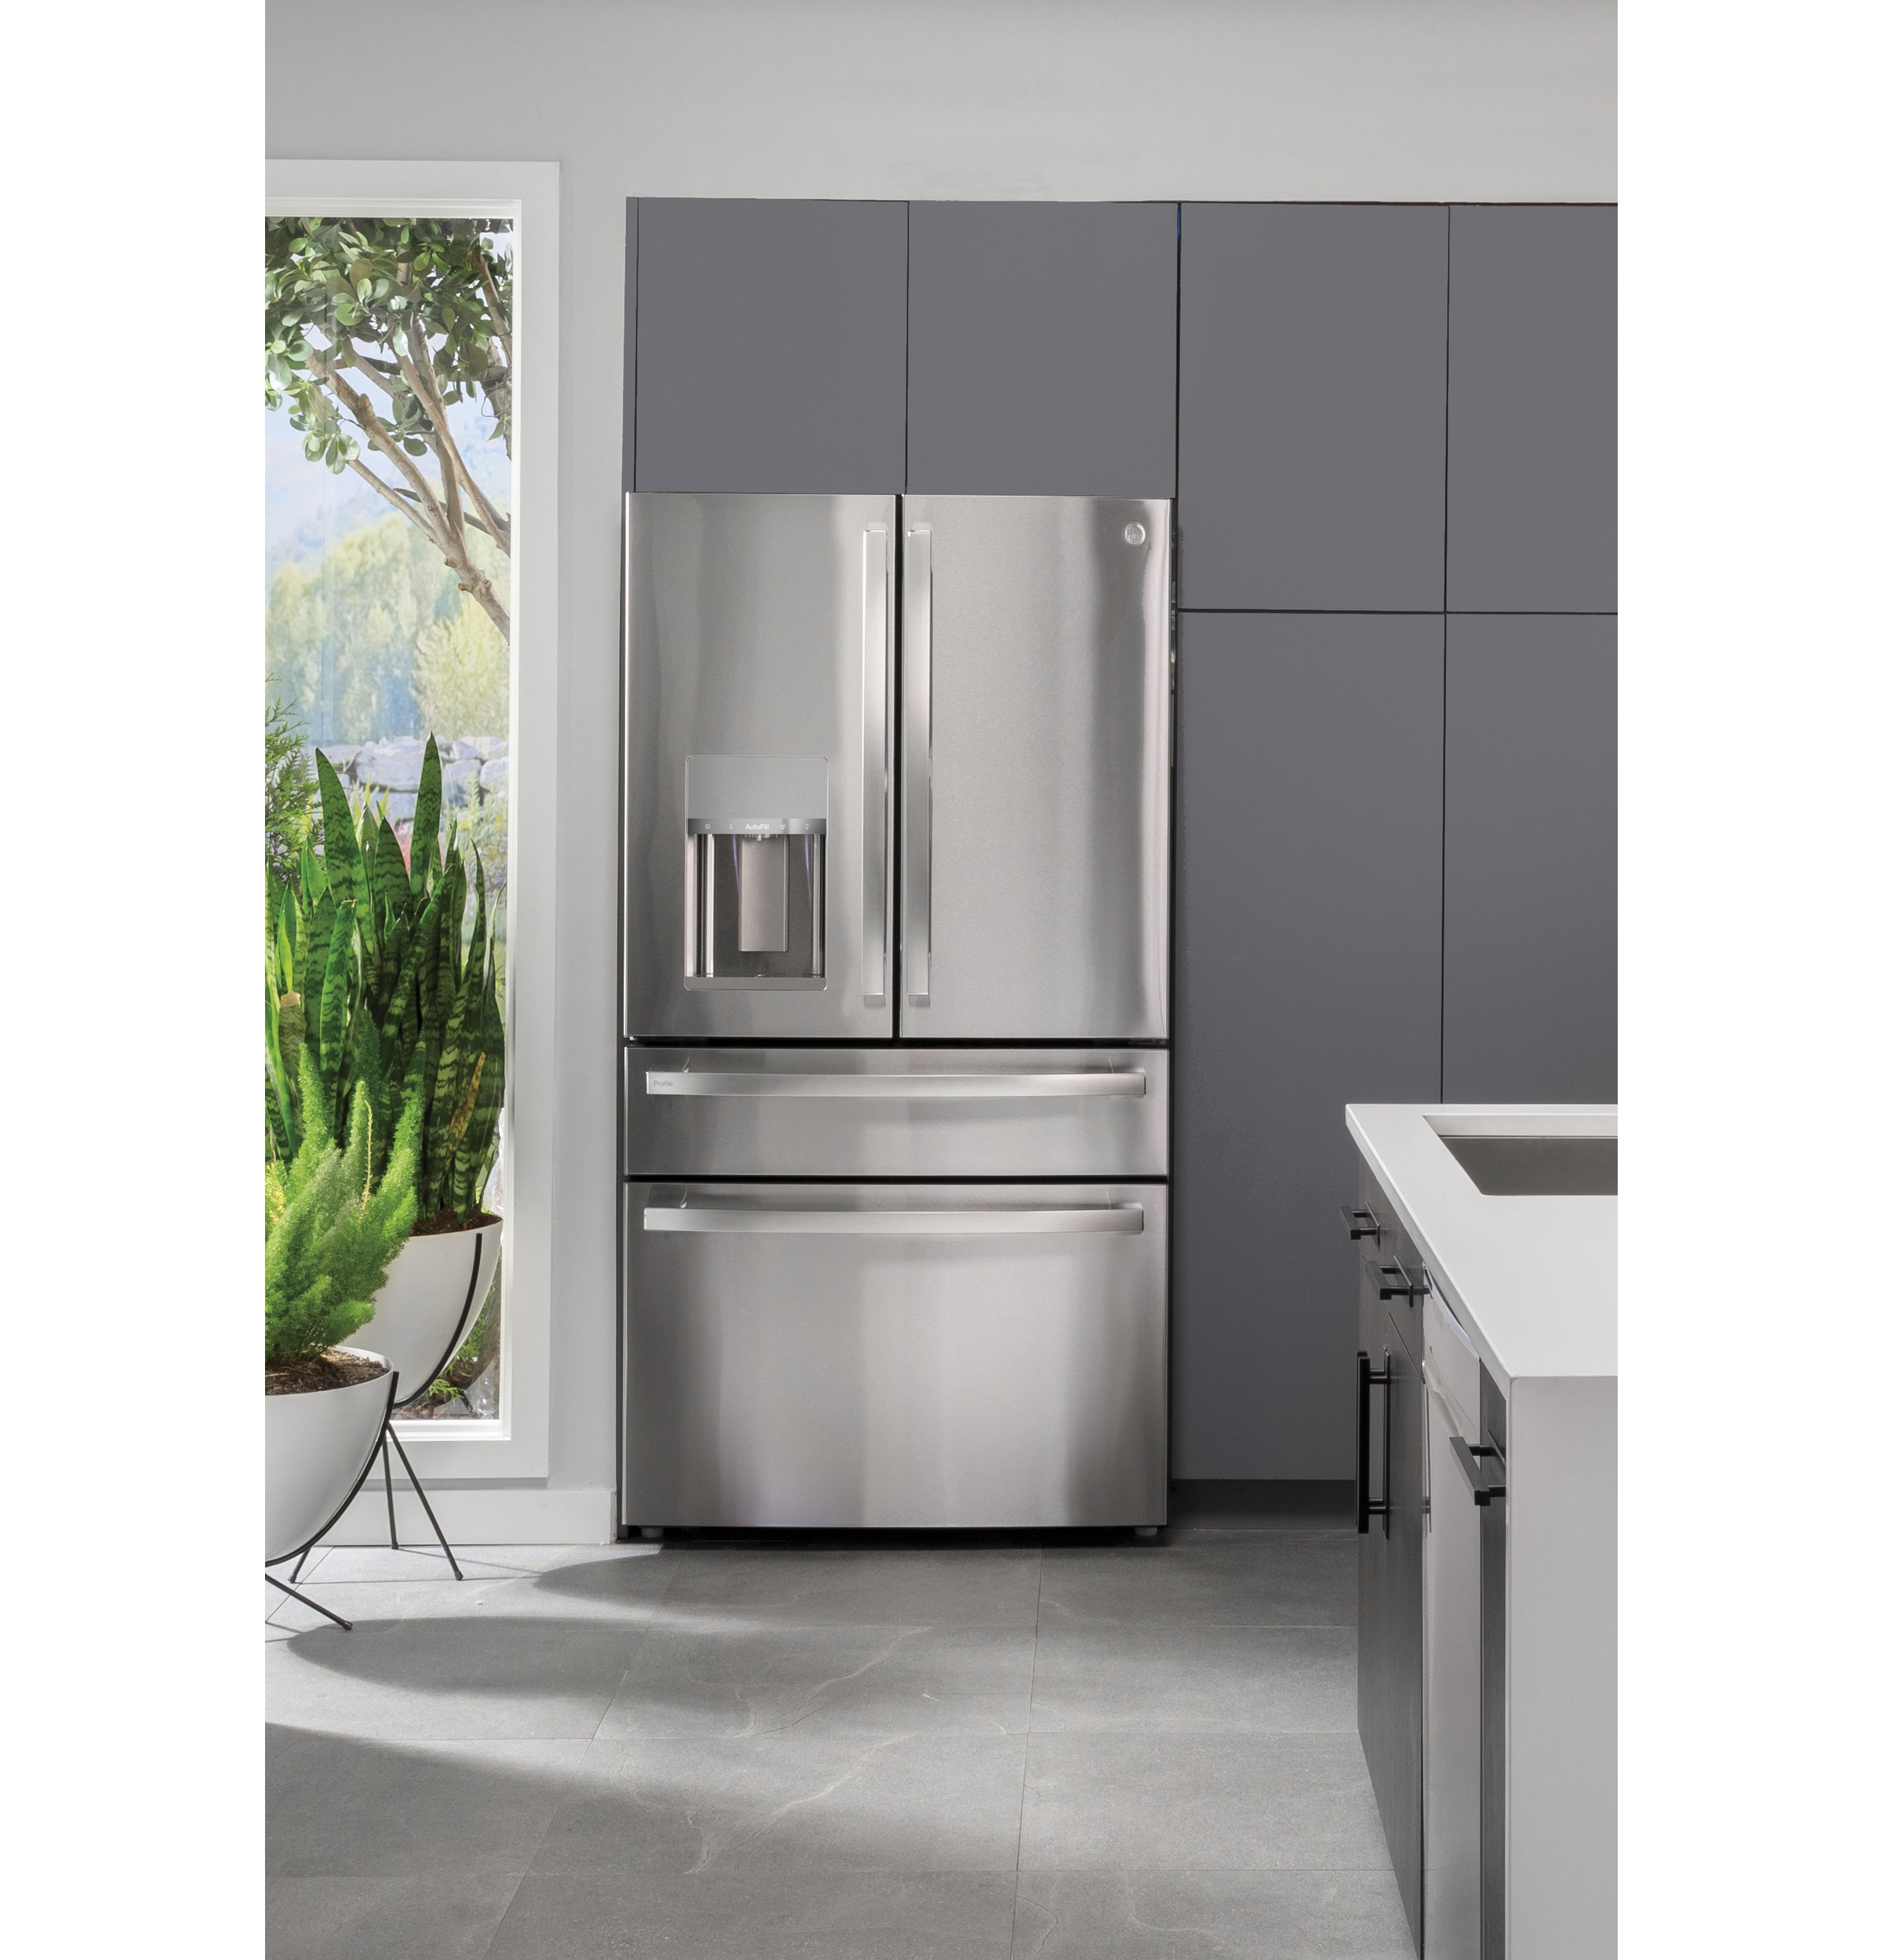 Model: PVD28BYNFS | GE Profile GE Profile™ 27.9 Cu. Ft. Smart 4-Door French-Door Refrigerator with Door In Door